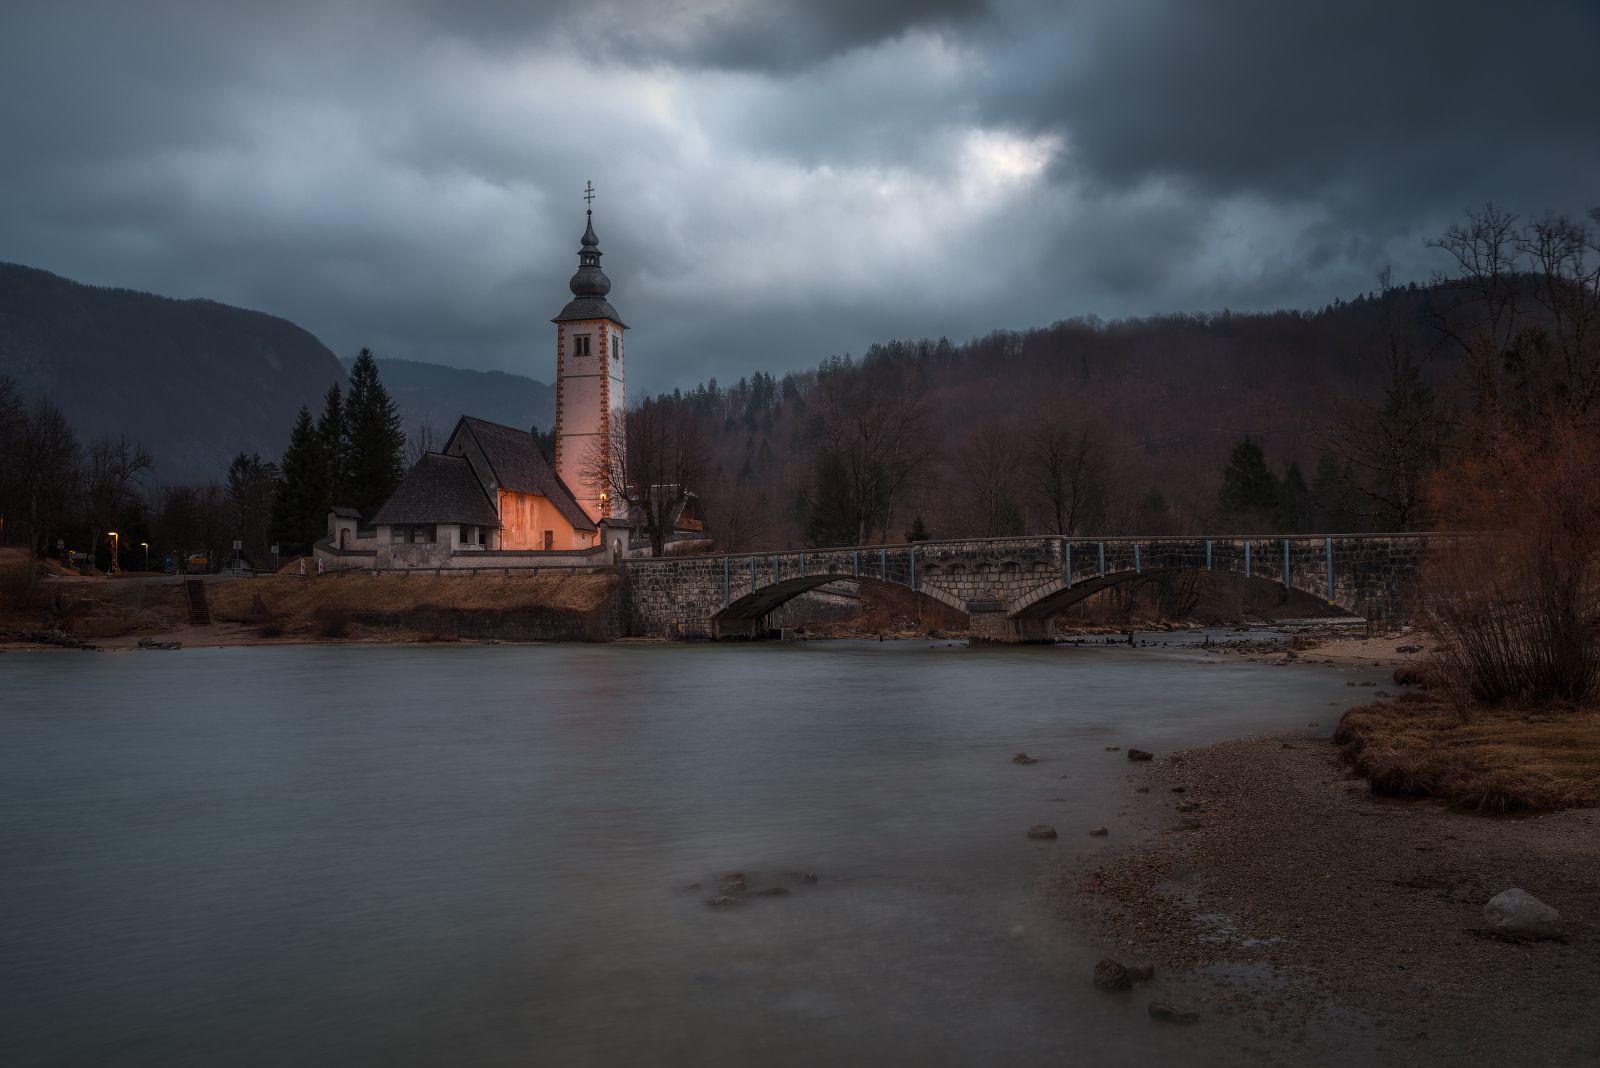 церковь, мост, озеро, Бохинь, Словения, облака, вода, Cтанислав Малых